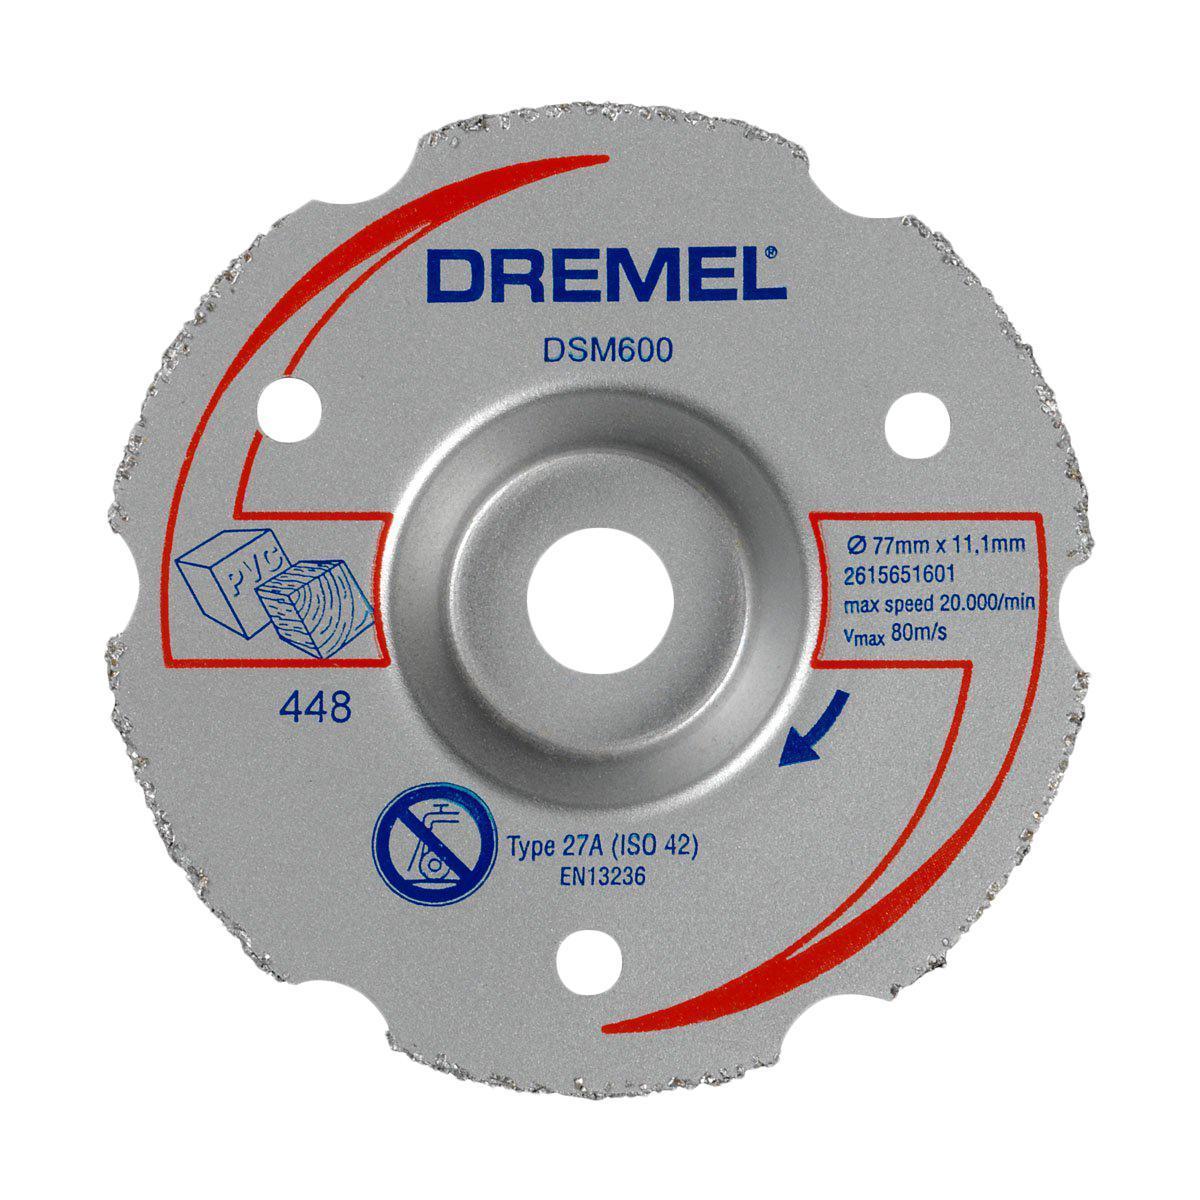 Диск для резки дерева Dremel DSM600 для пилы Dremel DSM202615S600JADremel DSM600 — это многофункциональный твердосплавный отрезной круг для резки заподлицо. Применяется совместно с компактной пилой DSM20. Этот изогнутый абразивный отрезной круг служит для выполнения резки (прямых пропилов, врезного пиления и резки заподлицо) в древесине и других мягких материалах. Диаметр: 20 мм.